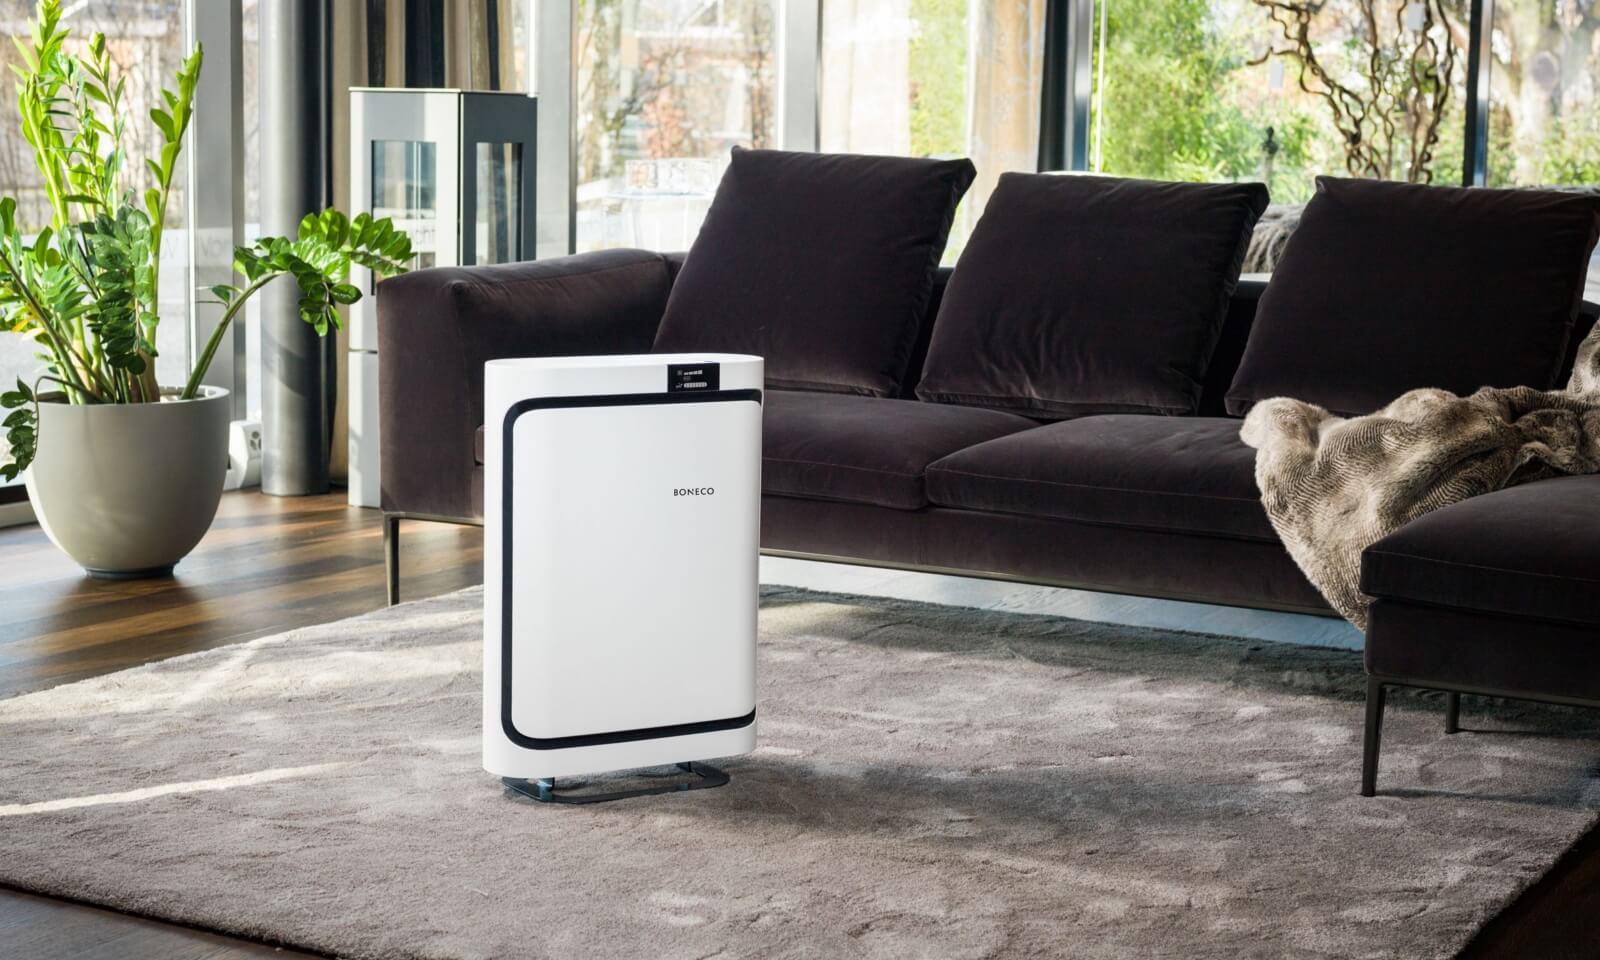 Oczyszczacz powietrza Boneco w salonie